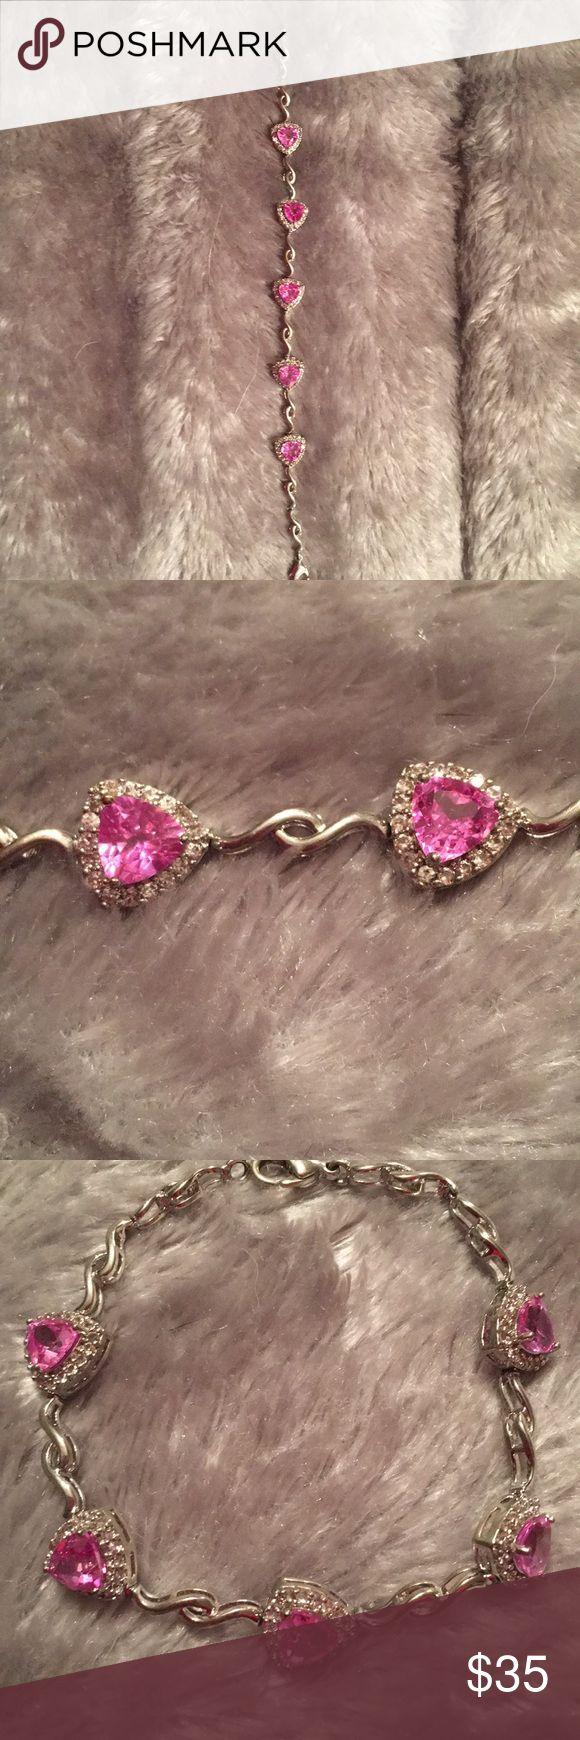 Sterling Silver Bracelet Pink Ice Hearts Sterling Silver Pink Ice Heart Bracelet  Gently Used  Lobster Clasp Jewelry Bracelets